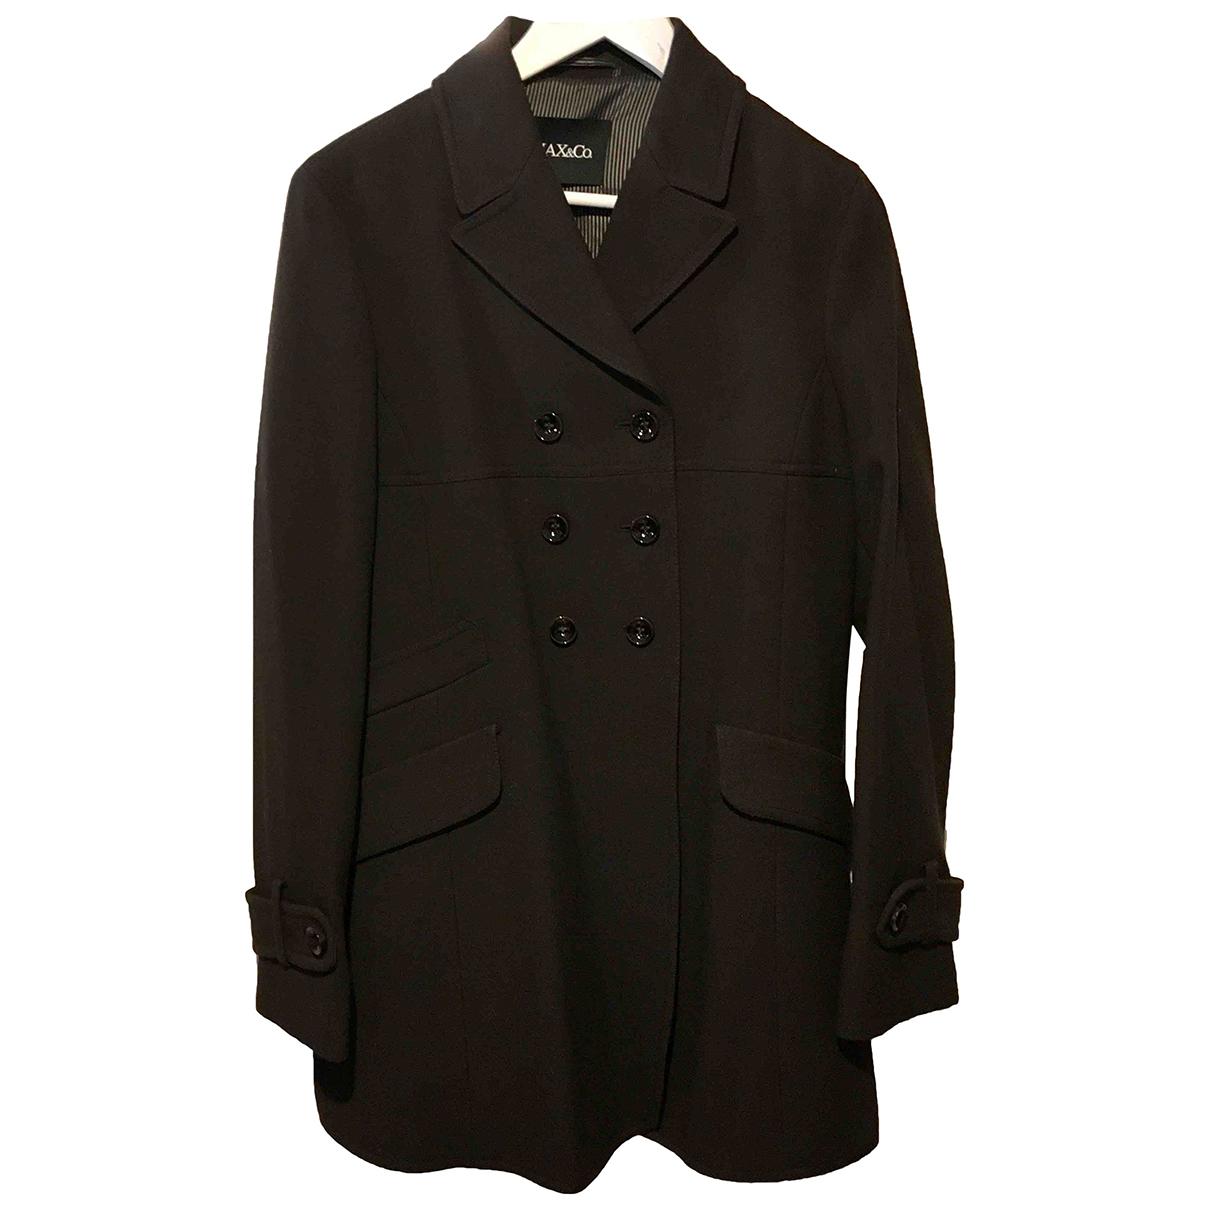 Max & Co - Manteau   pour femme en laine - marron